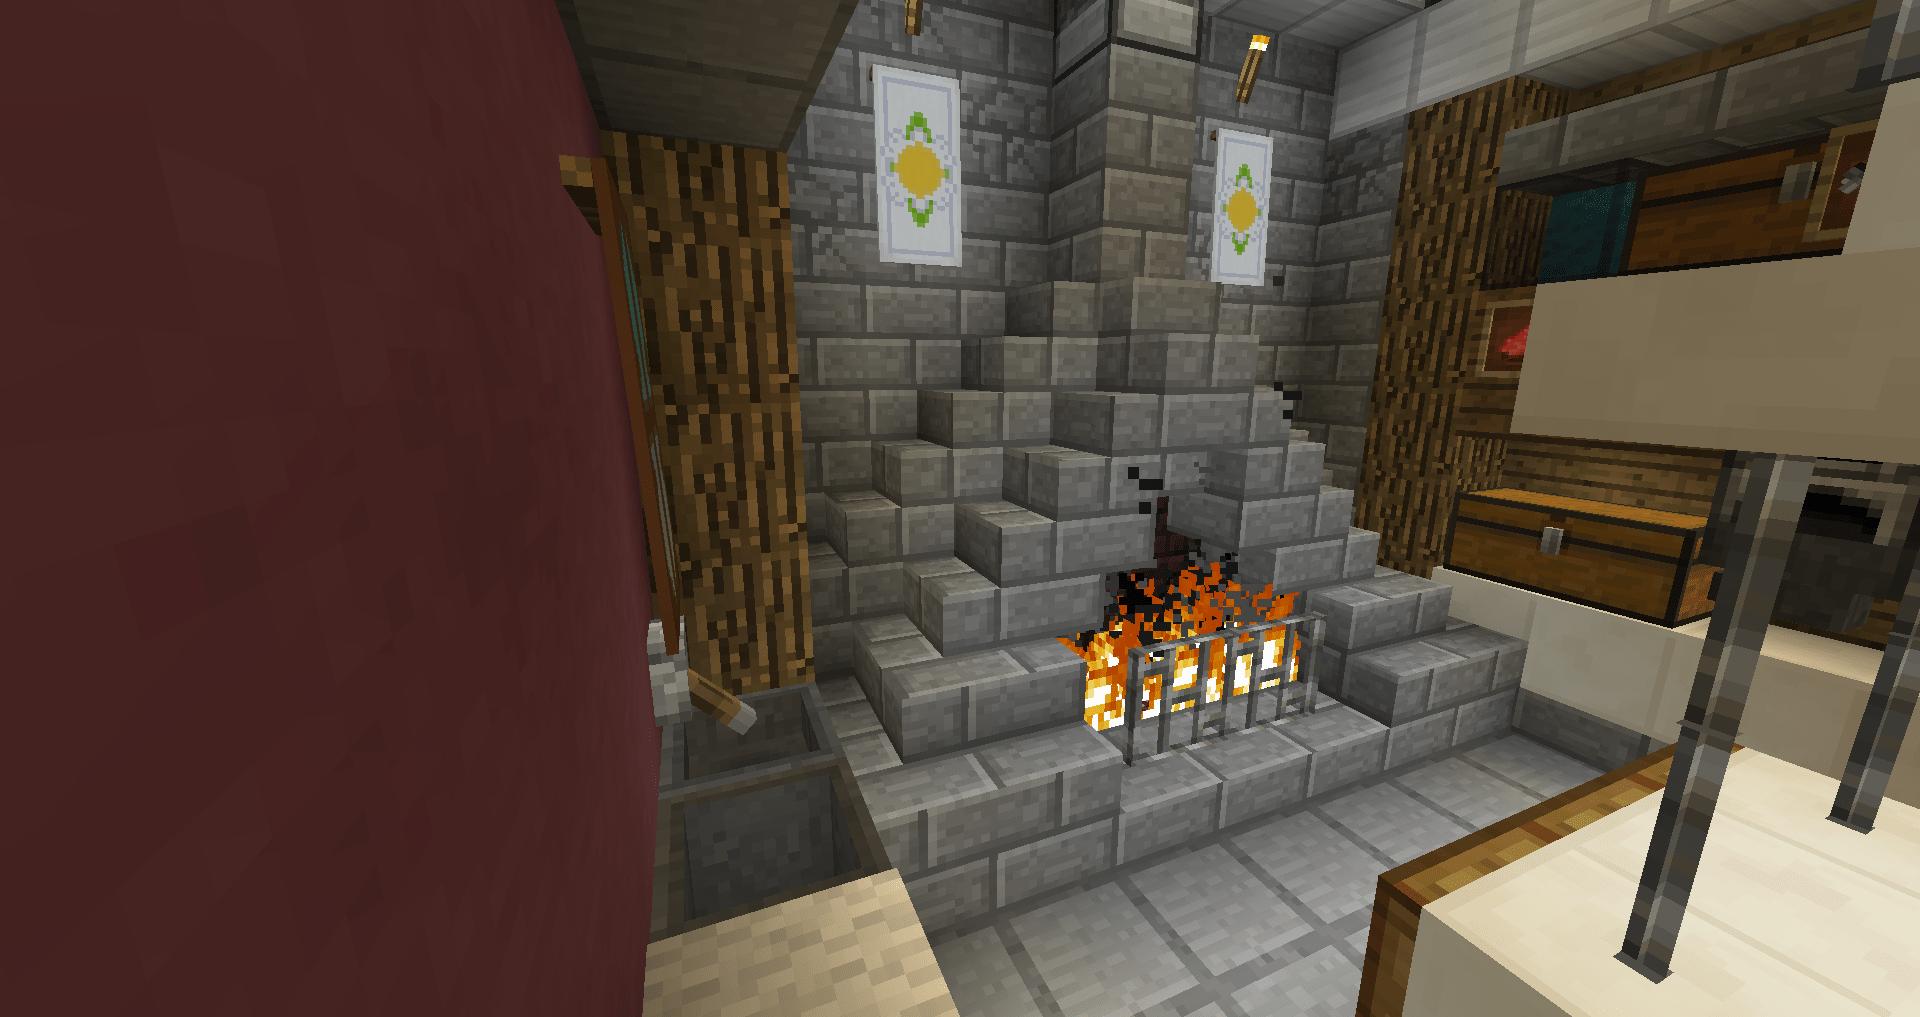 マインクラフト 火打ち石と打ち金を使ってかまどを作る